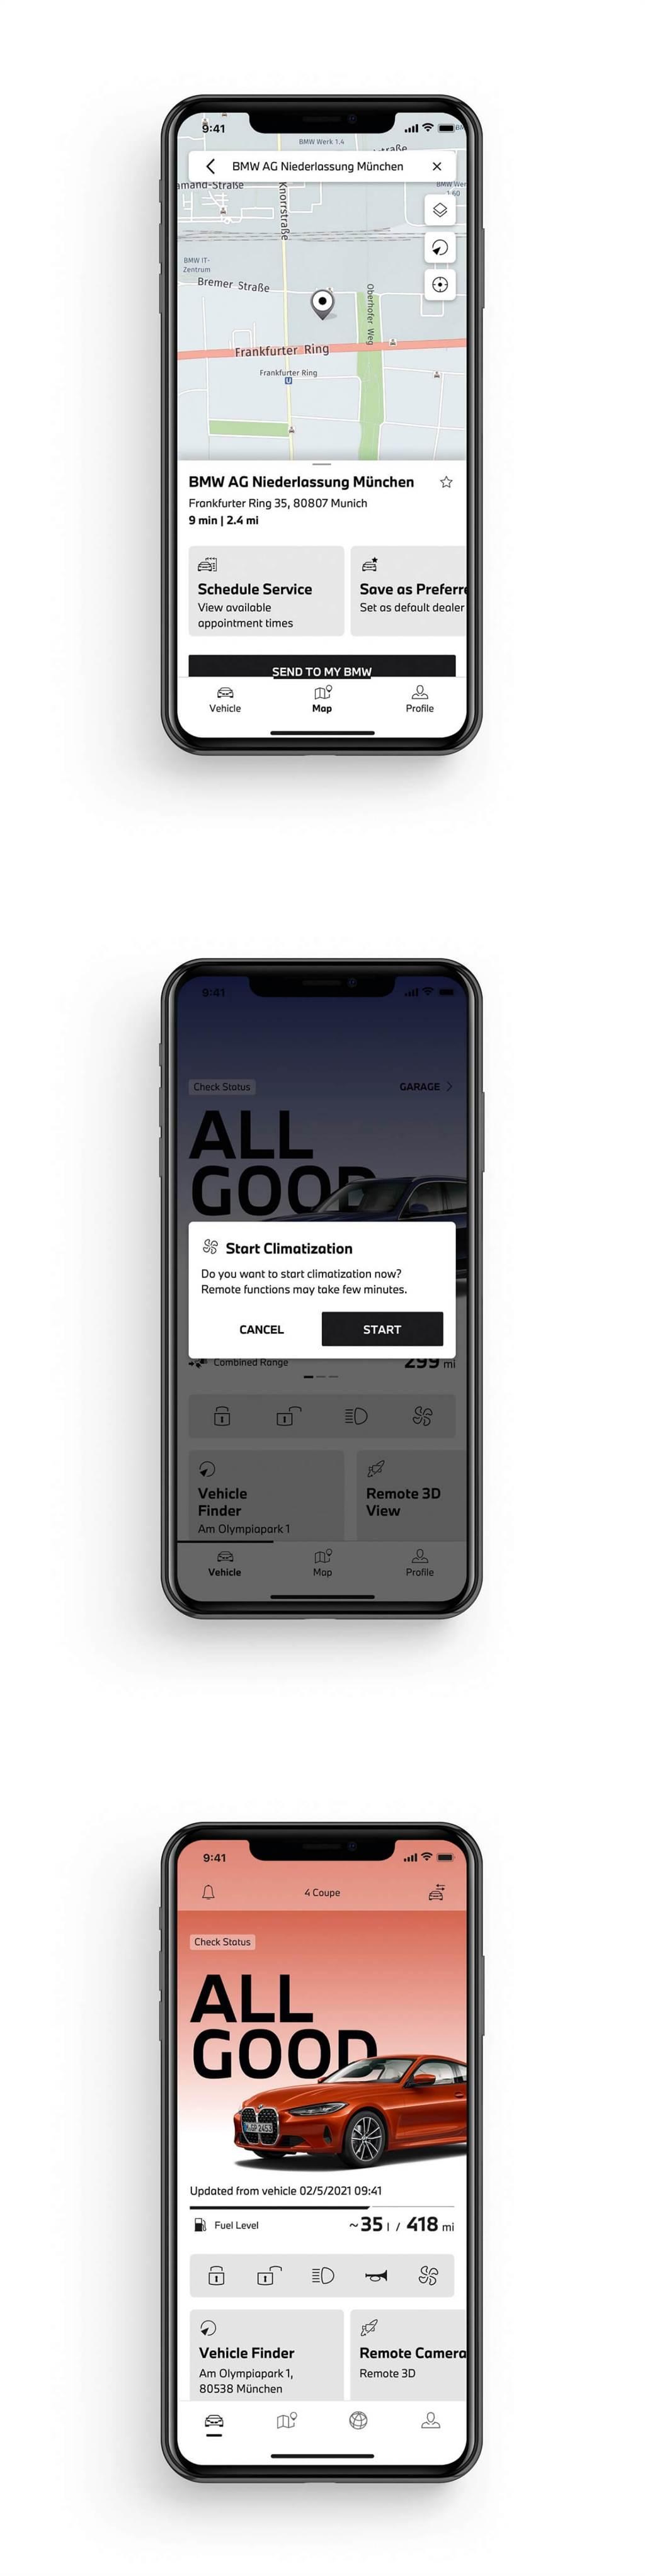 舊有BMW Connected App已到期,全面改用My BMW App並新增一些功能